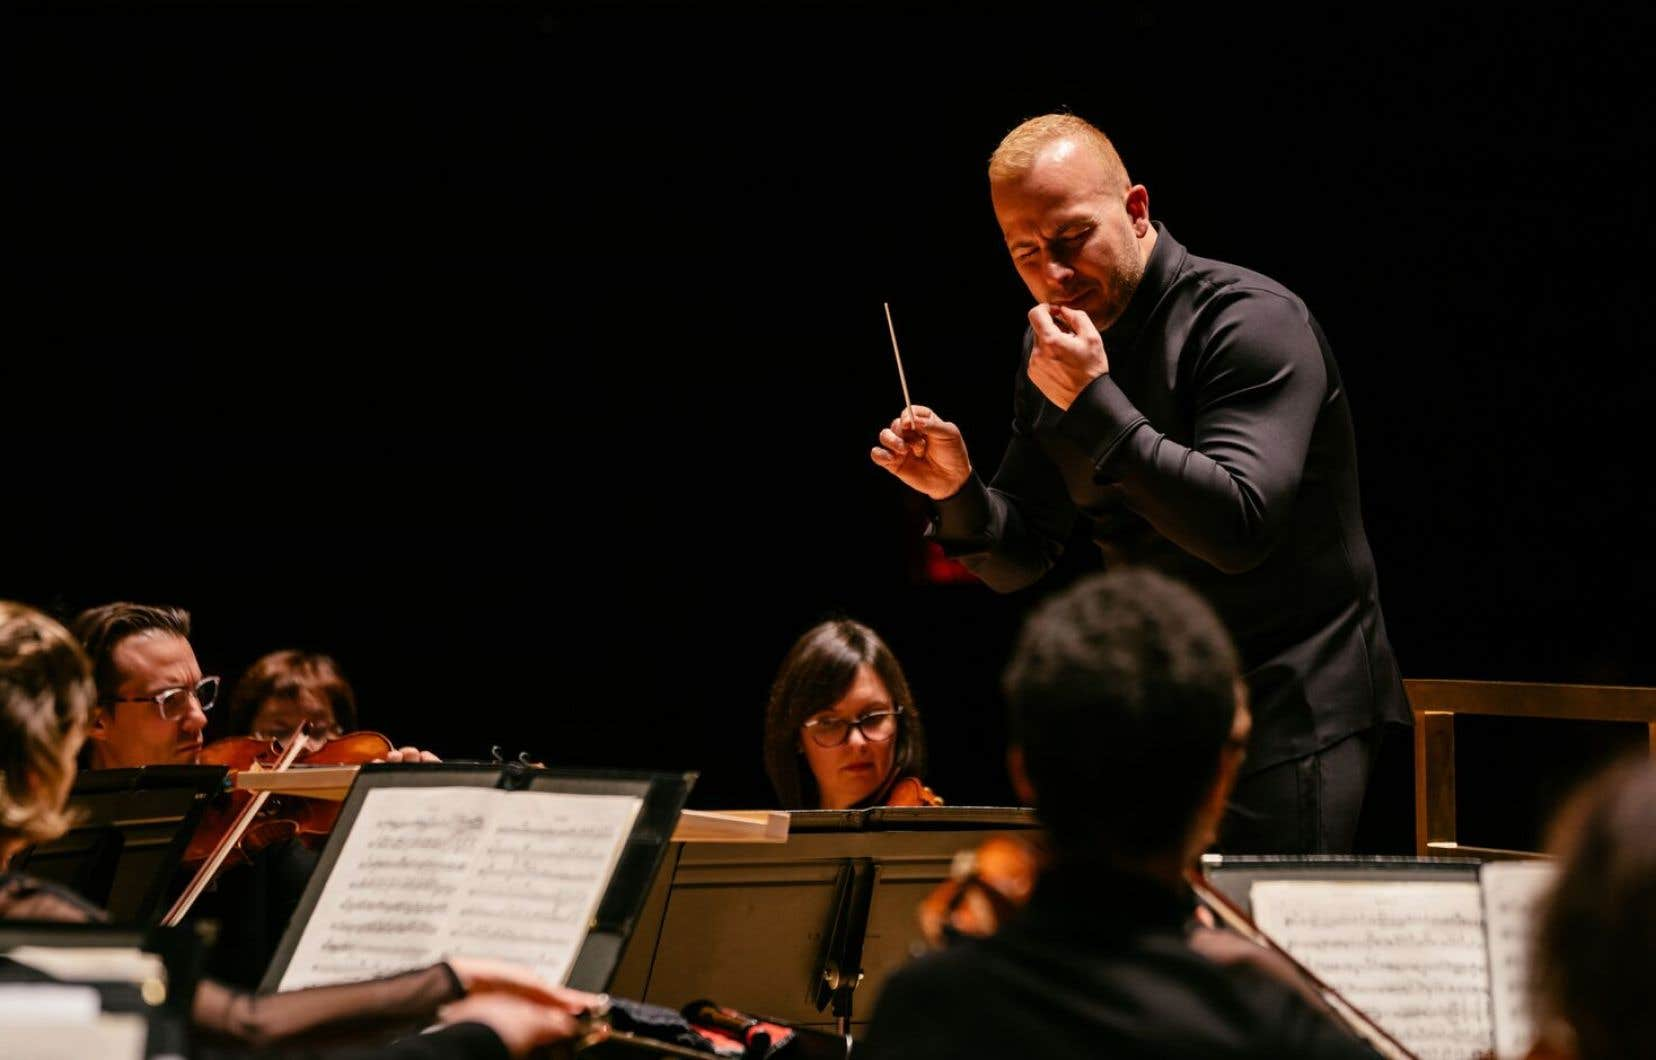 Le défi du concert final de l'Orchestre métropolitain, dimanche à Philadelphie, était de surmonter la fatigue, selon Yannick Nézet-Séguin.